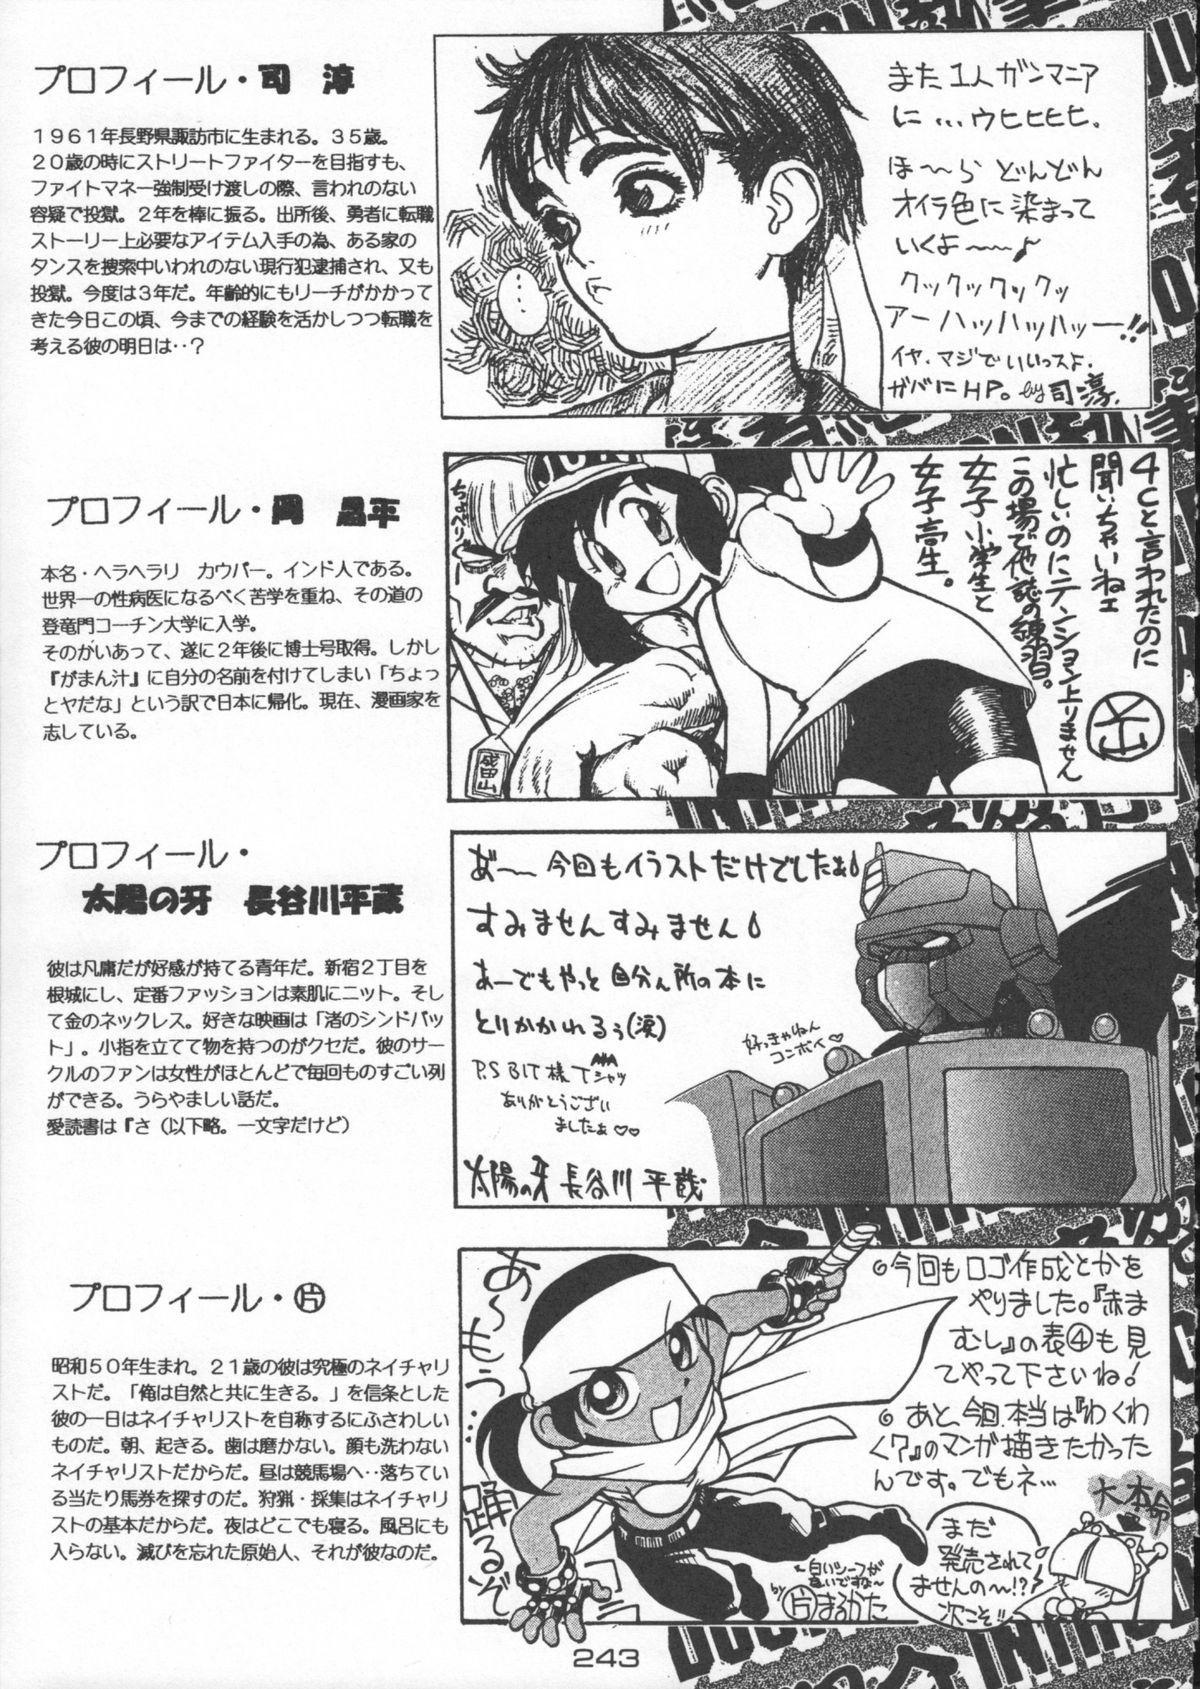 Godzilla vs Curry Aji 243